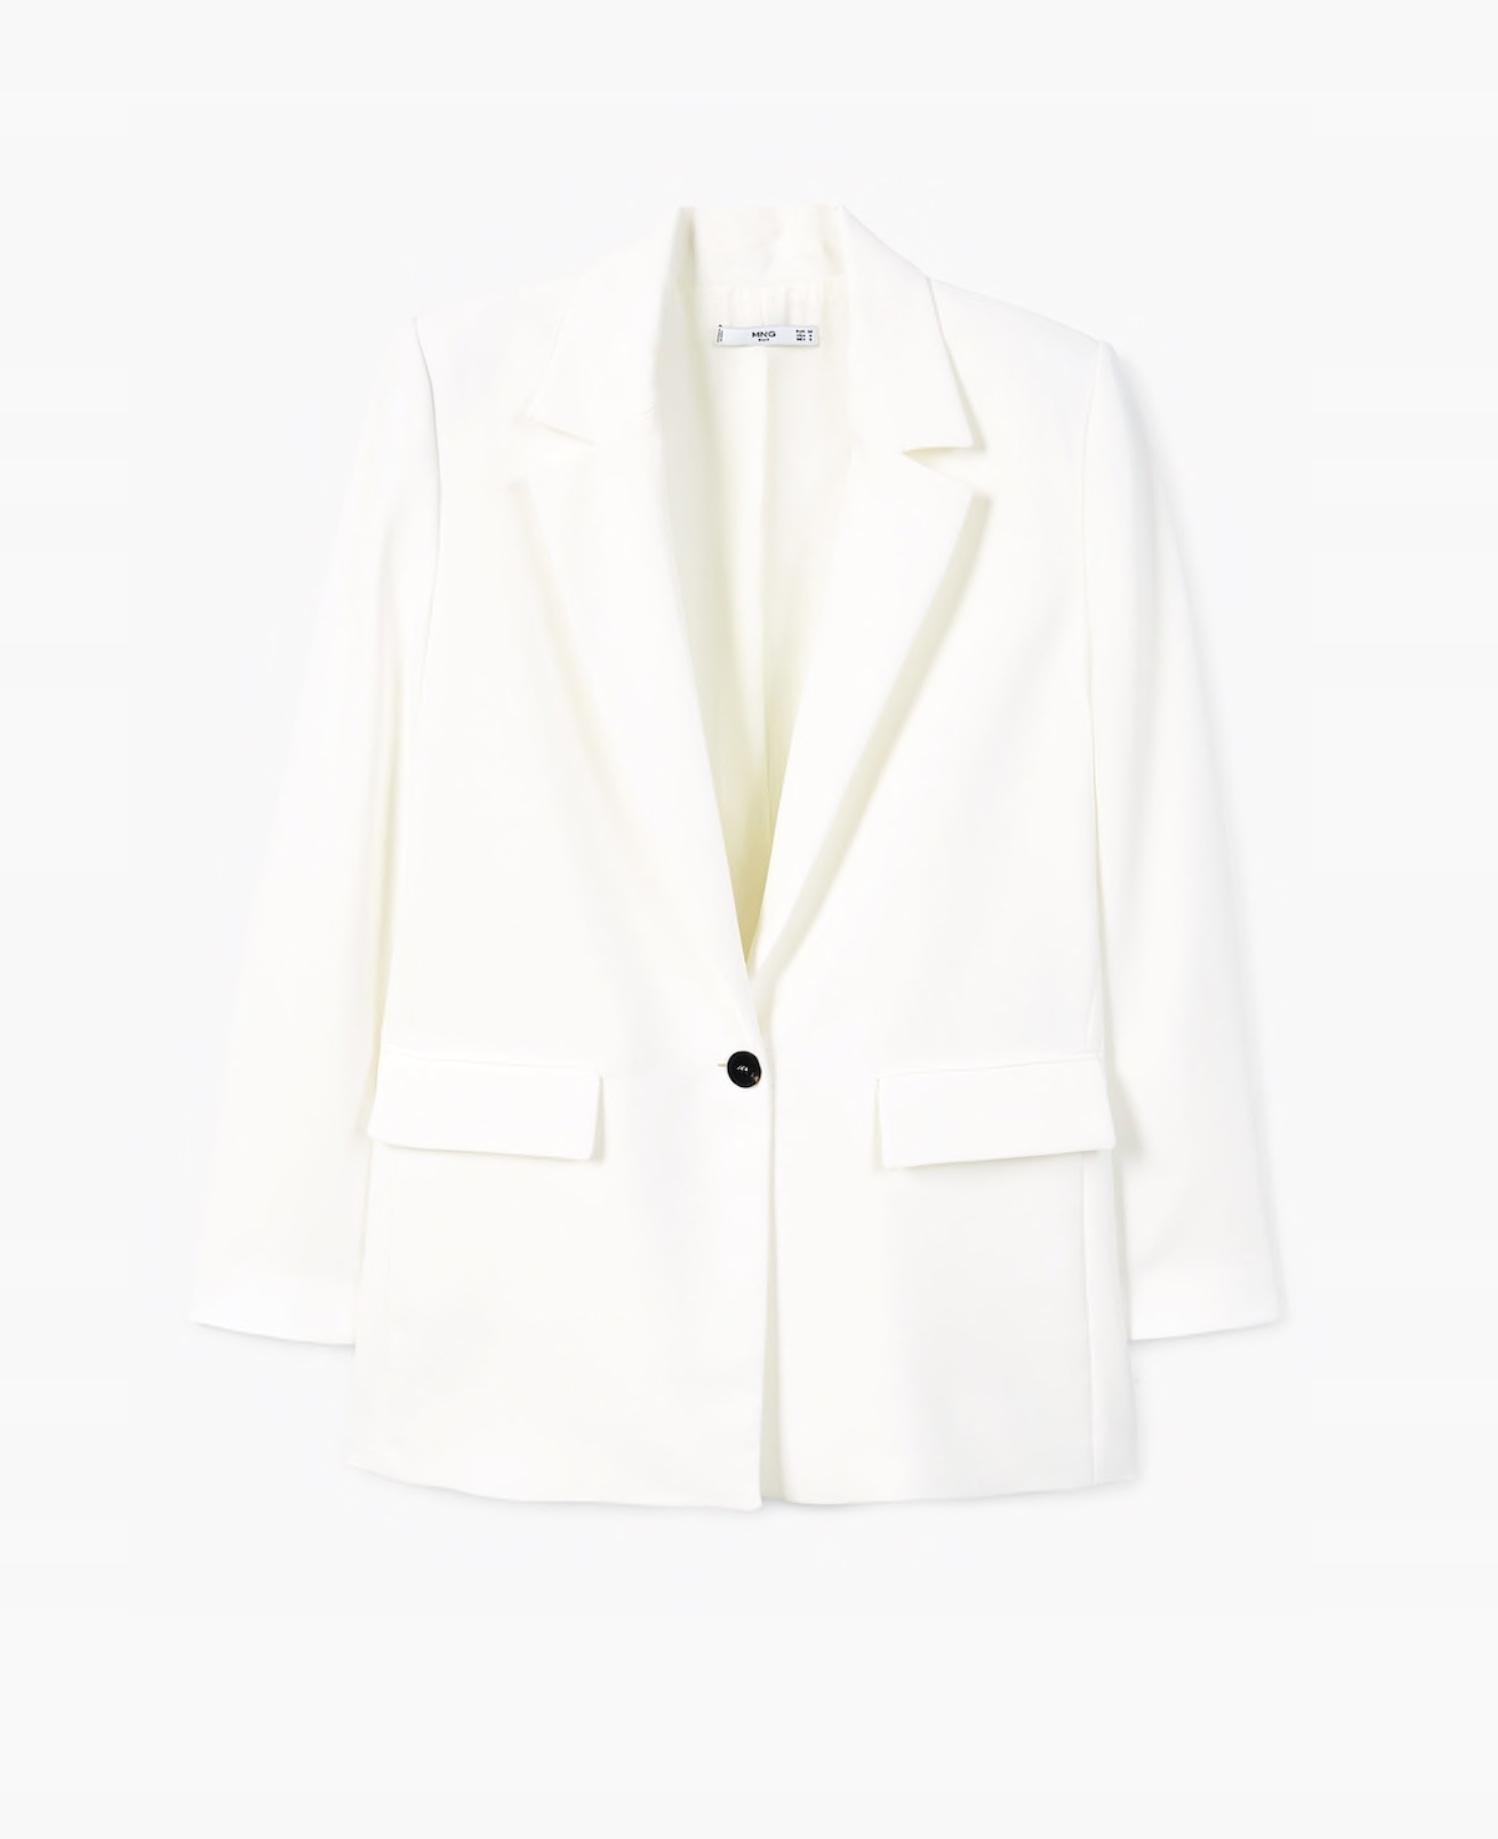 Marynarka biała Zara Mango 34 XS biel żakiet